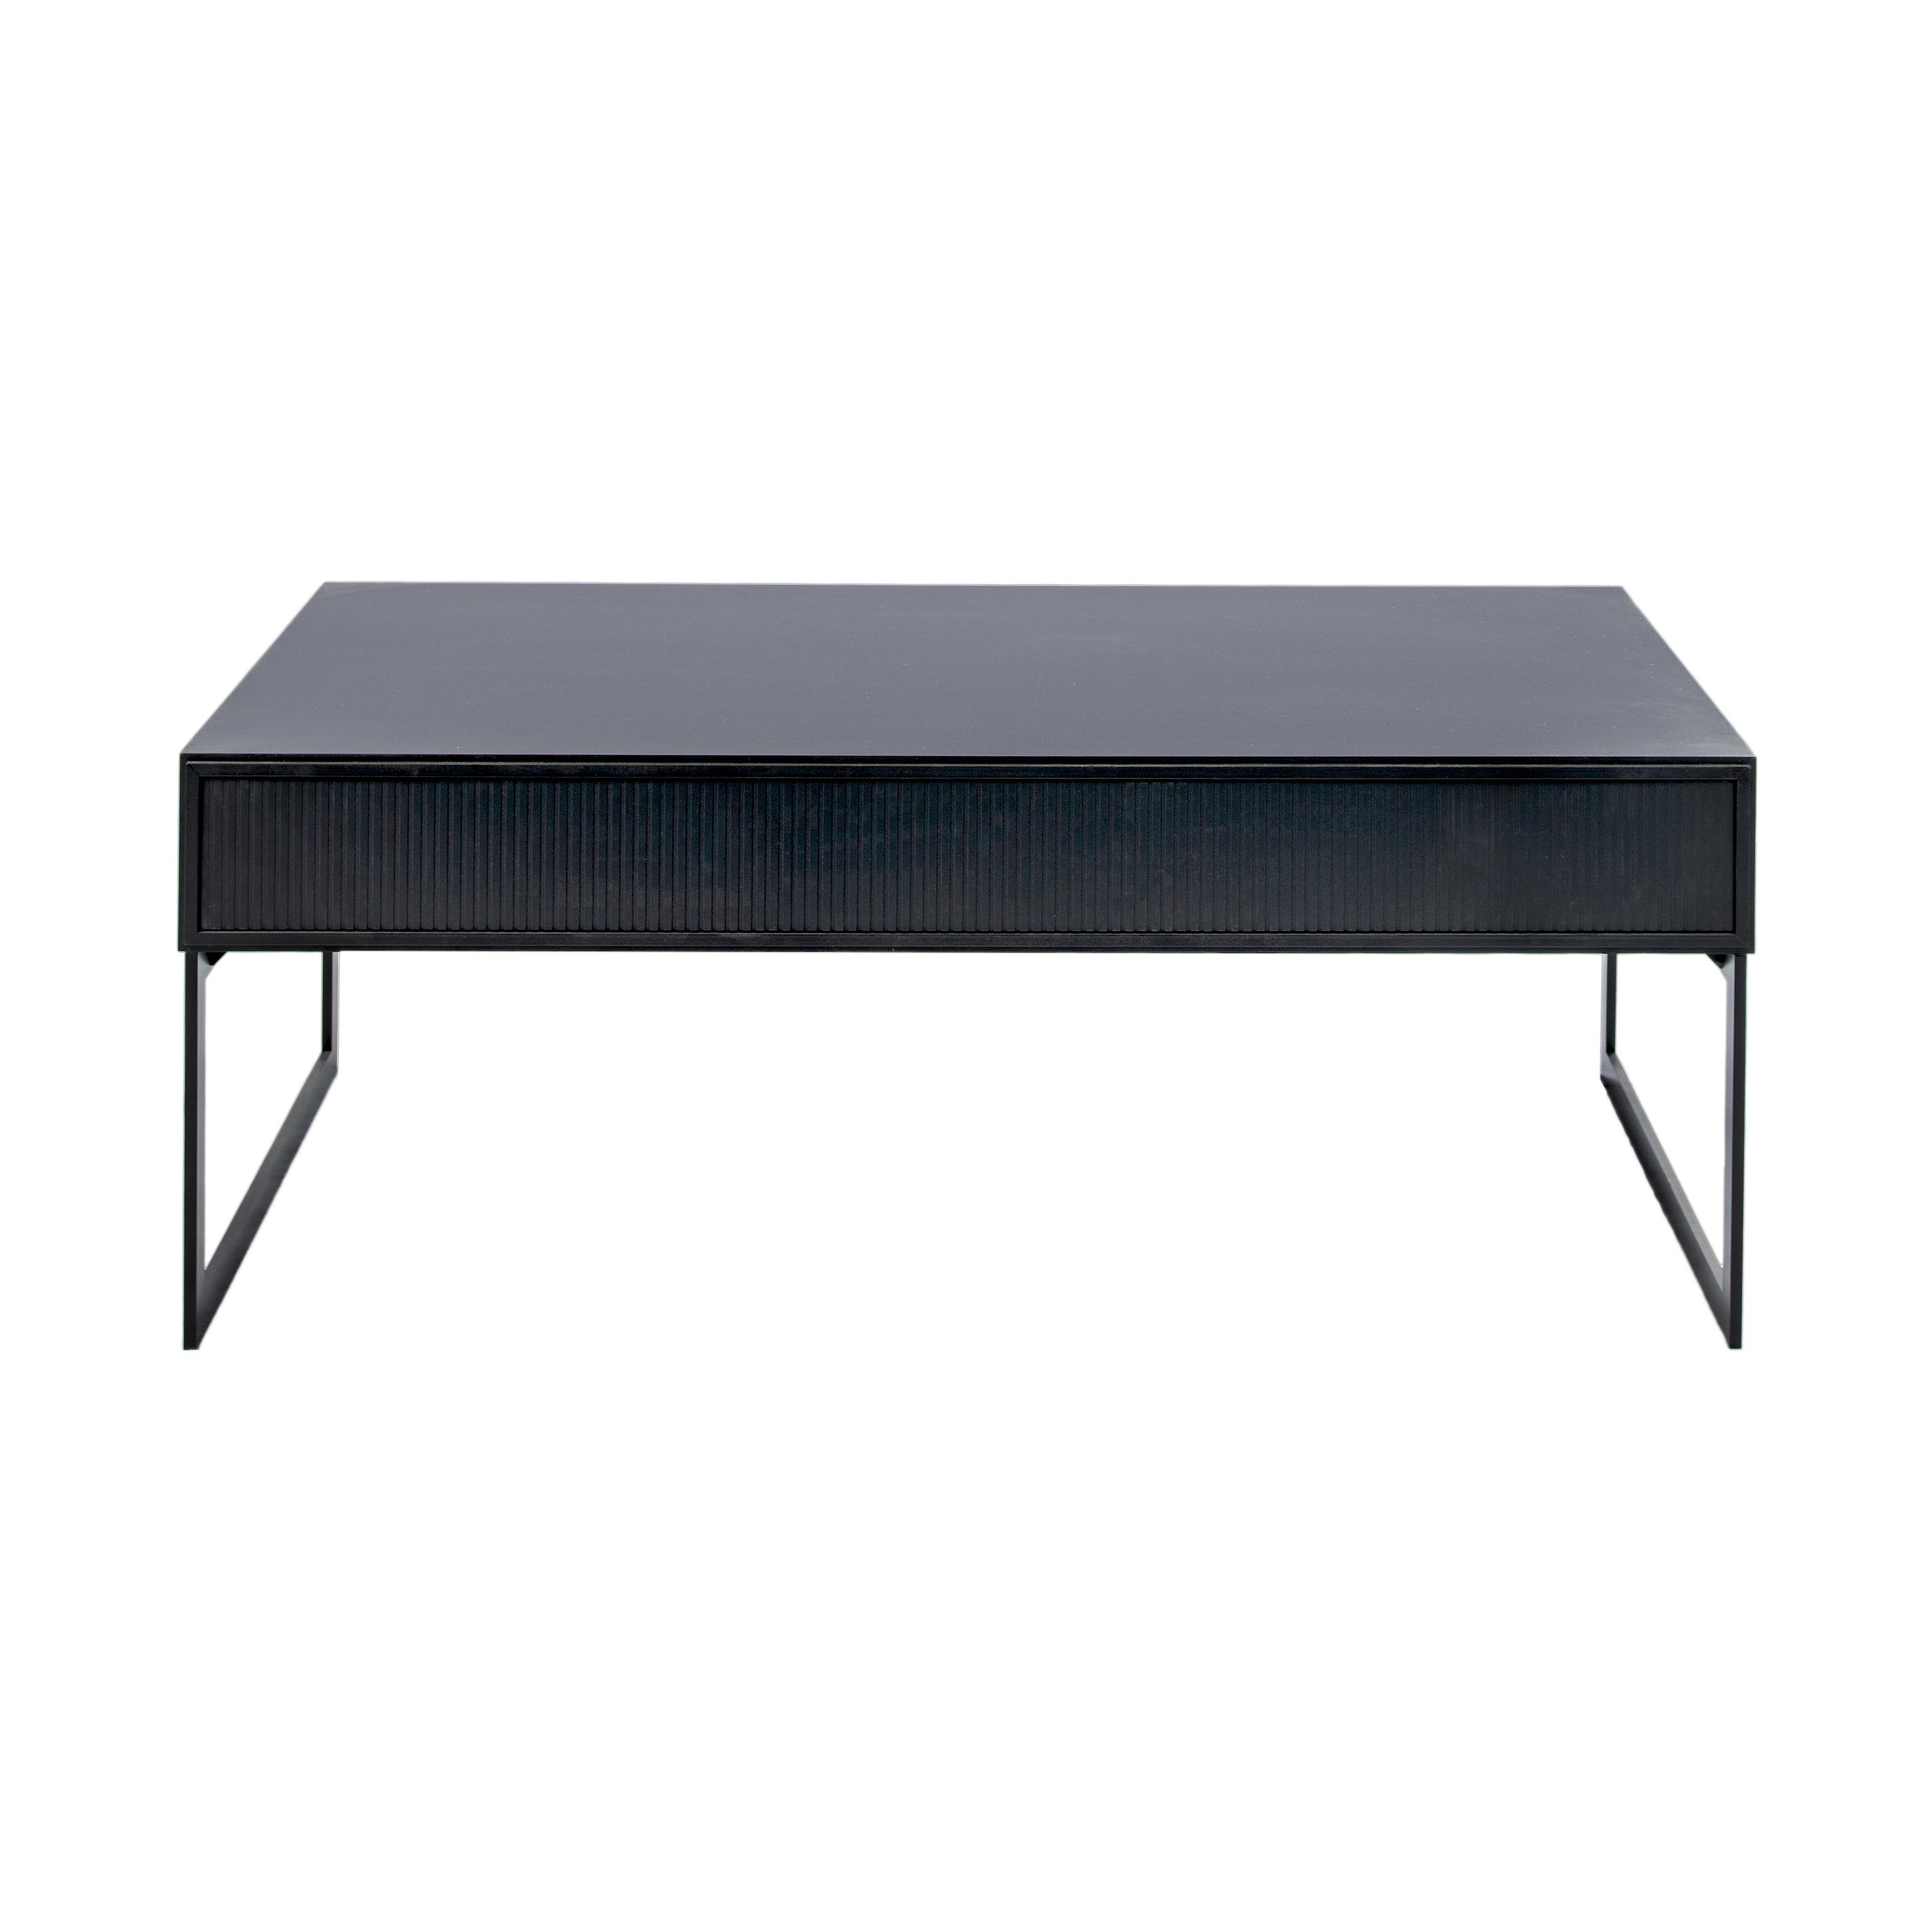 Line Soffbord rektangulärt Black med benställning framifrån - englesson.se